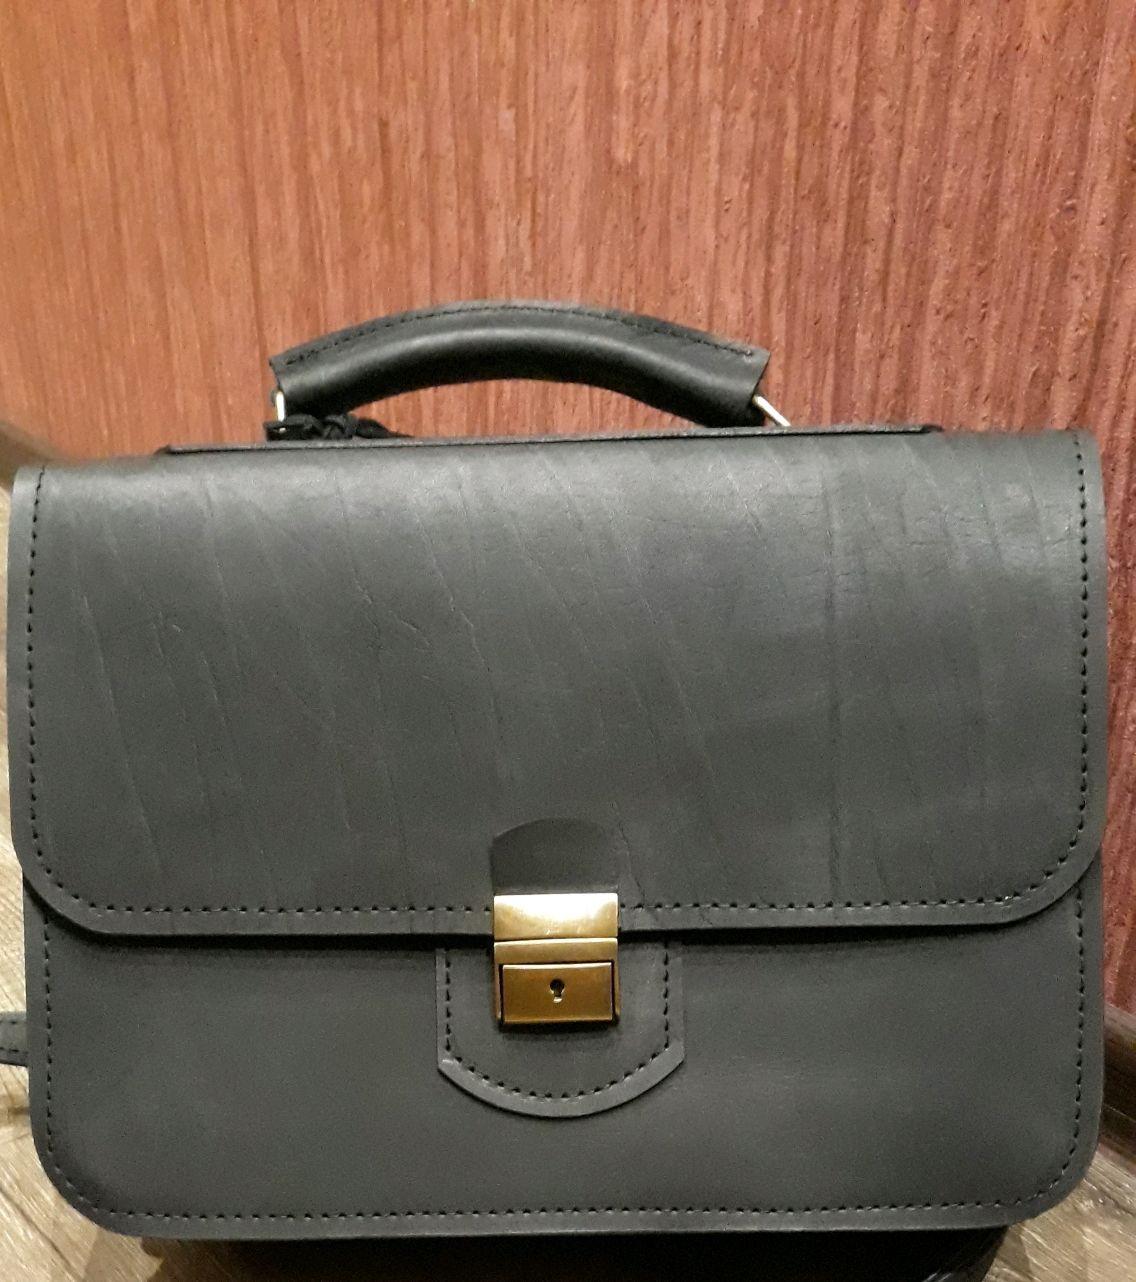 68bfea384f86 Мужские сумки ручной работы. Ярмарка Мастеров - ручная работа. Купить  Мужской кожаный портфель арт ...